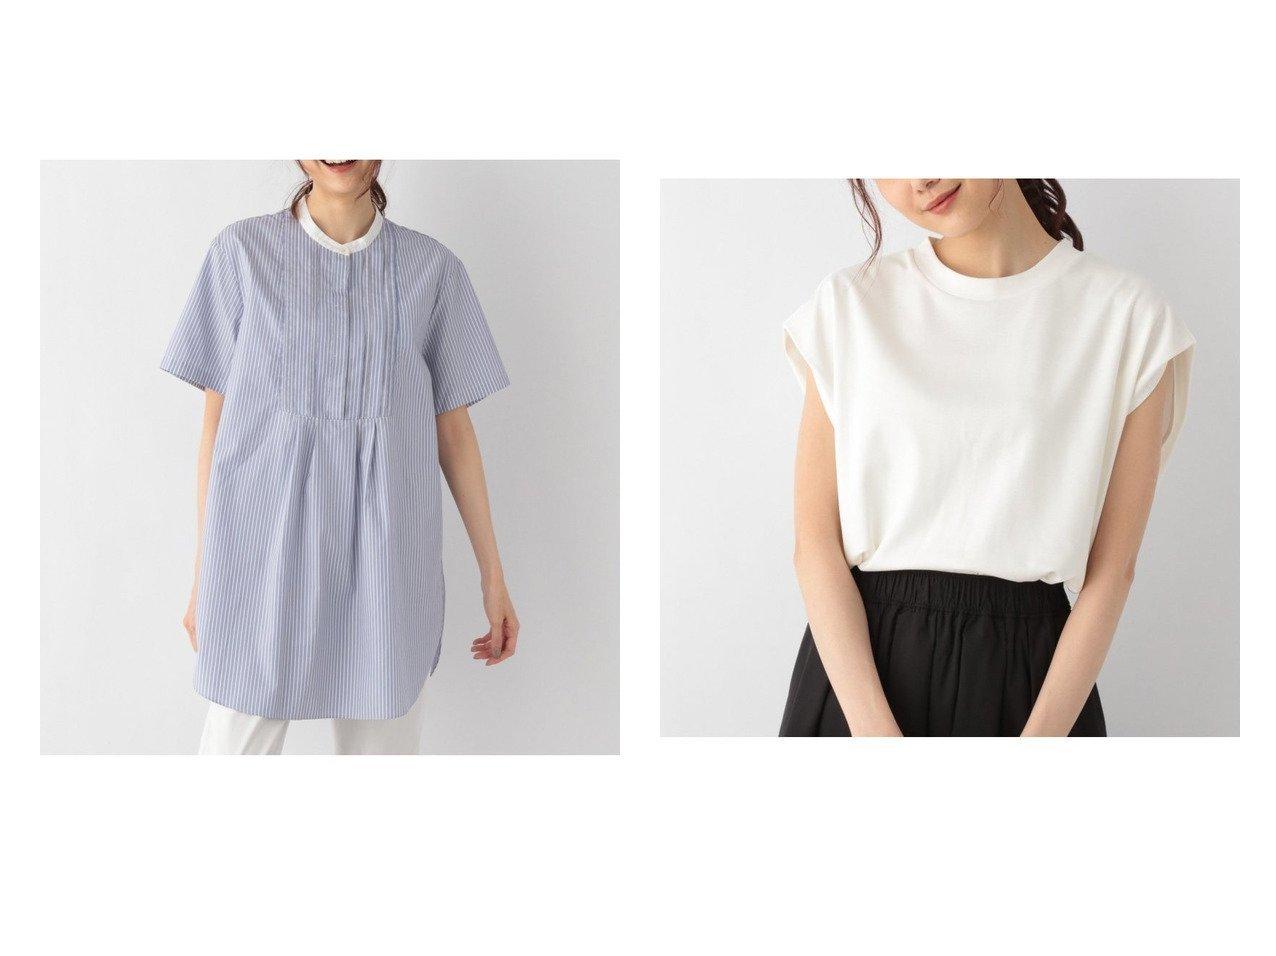 【GLOBAL WORK/グローバルワーク】のショルダータックPO+D&ボザムチュニックシャツSS 【プチプライス・低価格】おすすめ!人気、トレンド・レディースファッションの通販 おすすめで人気の流行・トレンド、ファッションの通販商品 インテリア・家具・メンズファッション・キッズファッション・レディースファッション・服の通販 founy(ファニー) https://founy.com/ ファッション Fashion レディースファッション WOMEN トップス・カットソー Tops/Tshirt カットソー Cut and Sewn ワンピース Dress チュニック Tunic NEW・新作・新着・新入荷 New Arrivals おすすめ Recommend カットソー クロップド ショルダー シンプル ストレート テーパード トレンド S/S・春夏 SS・Spring/Summer スキッパー ストライプ チュニック  ID:crp329100000054153